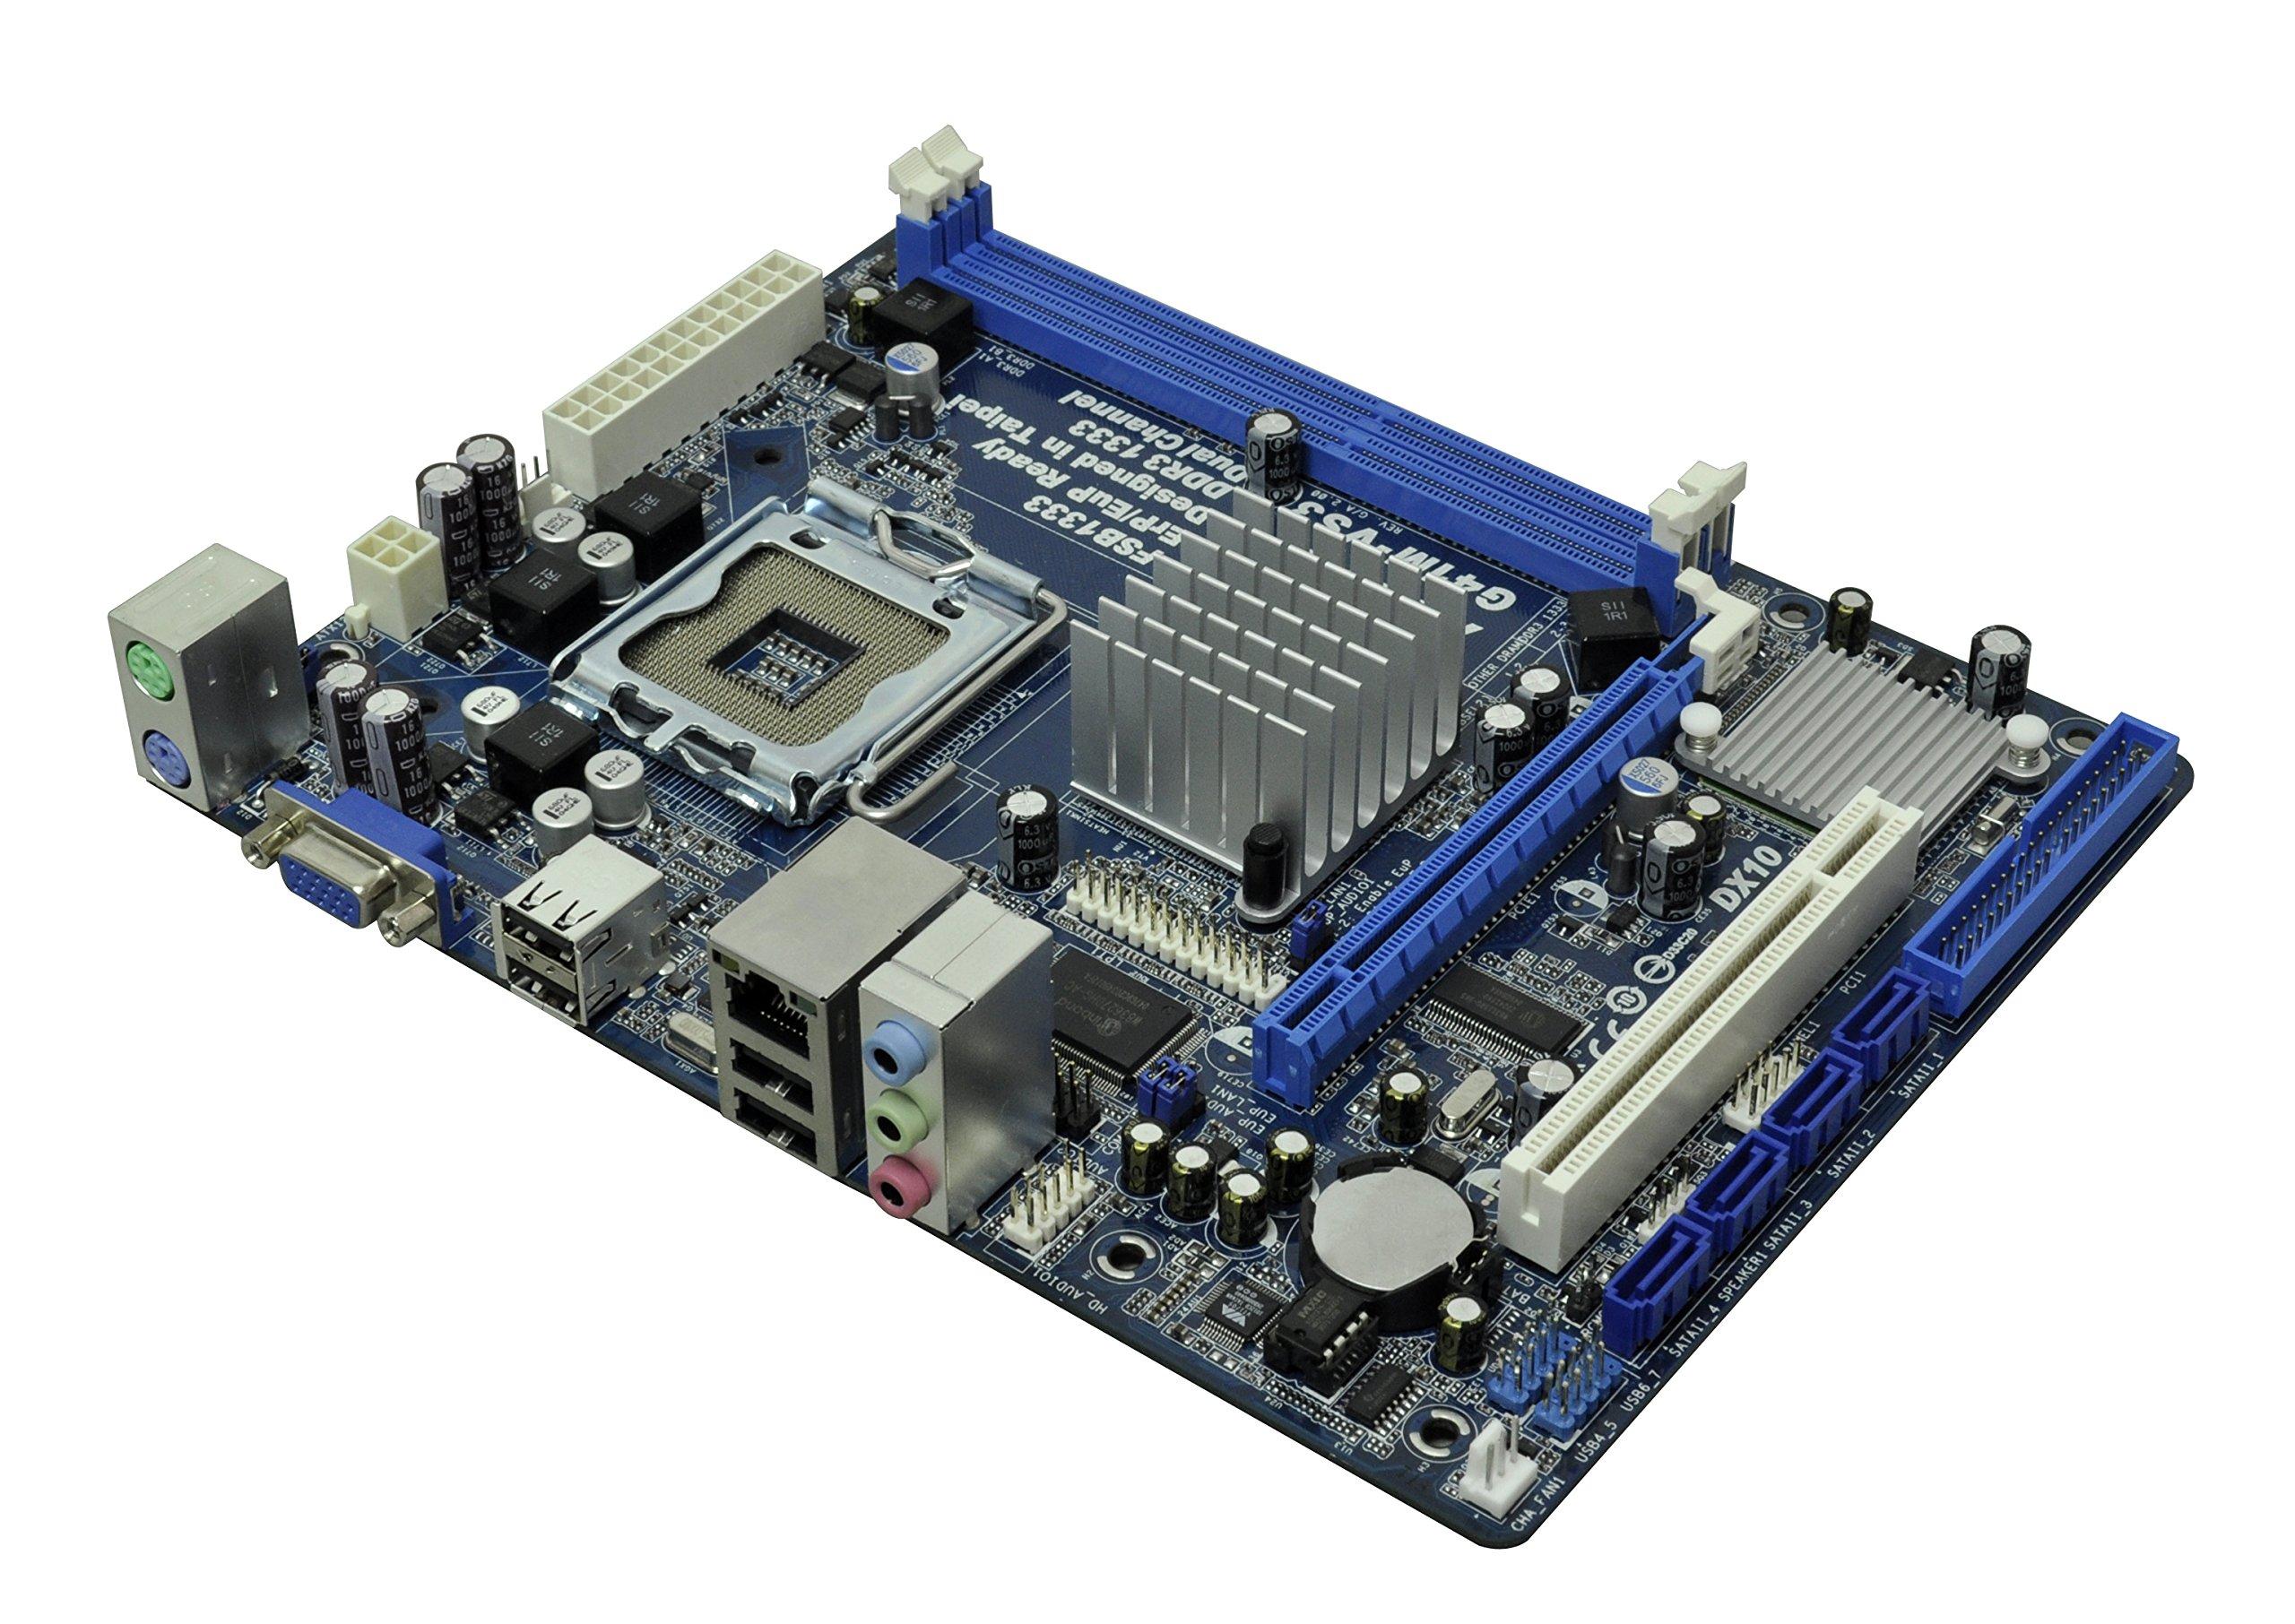 ASRock G41M-VS3 R2.0 Core 2 Quad/Intel G41/ DDR3/ A&V&L/Micro ATX LGA 755 Motherboard by ASRock (Image #3)